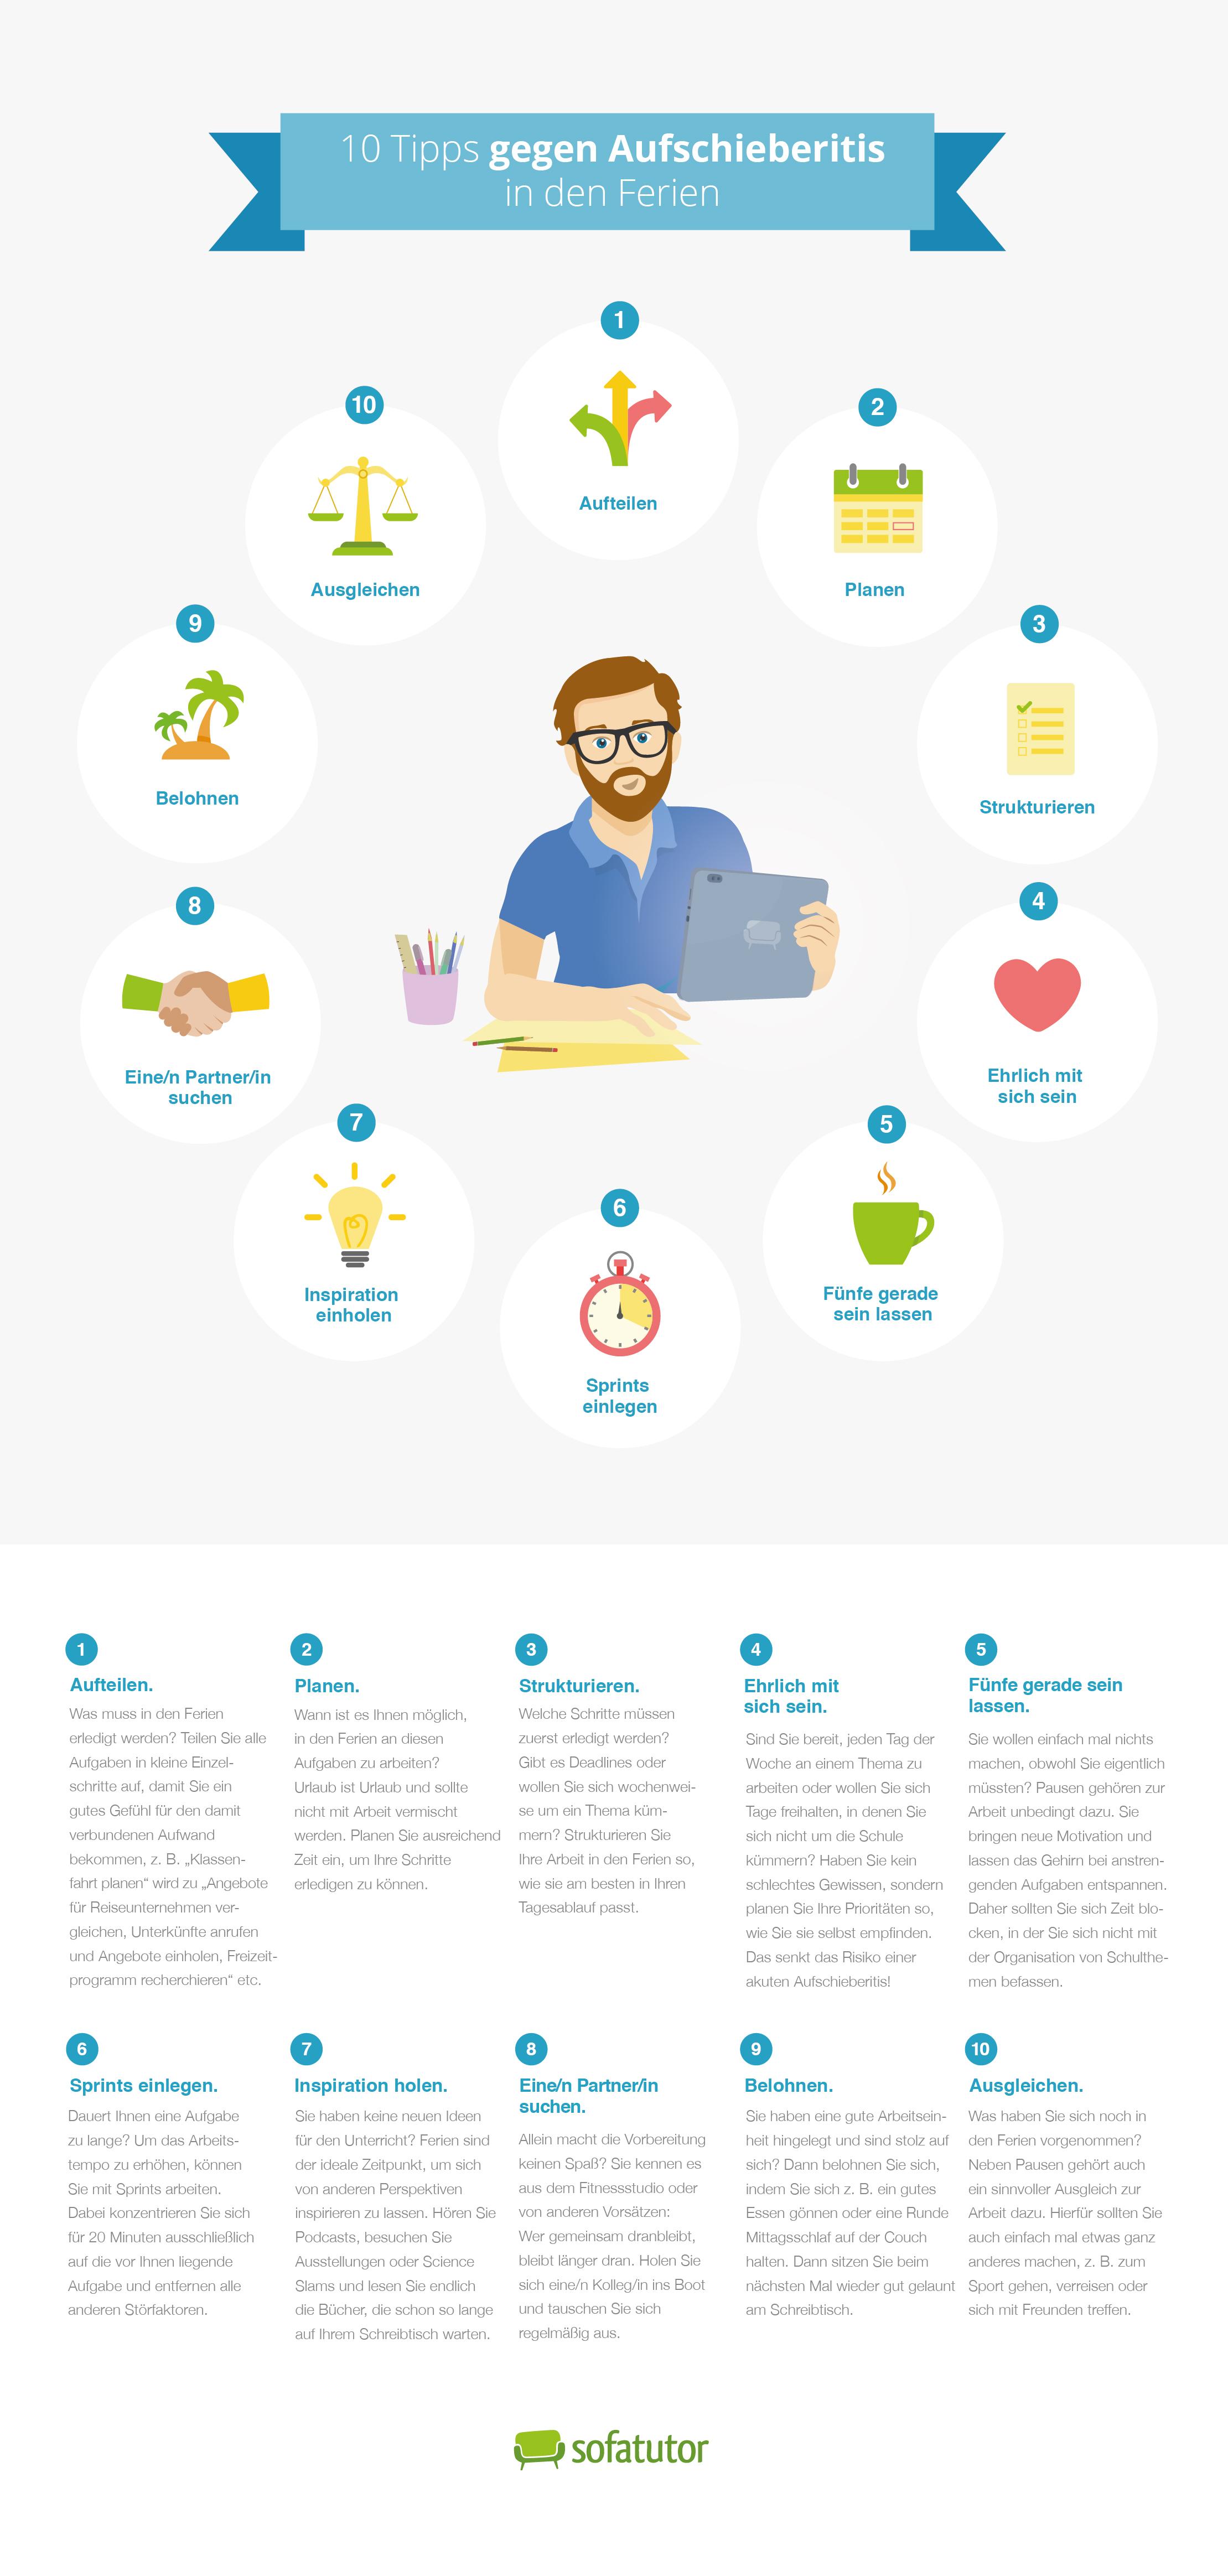 Infografik-10 Tipps gegen die Aufschieberitis